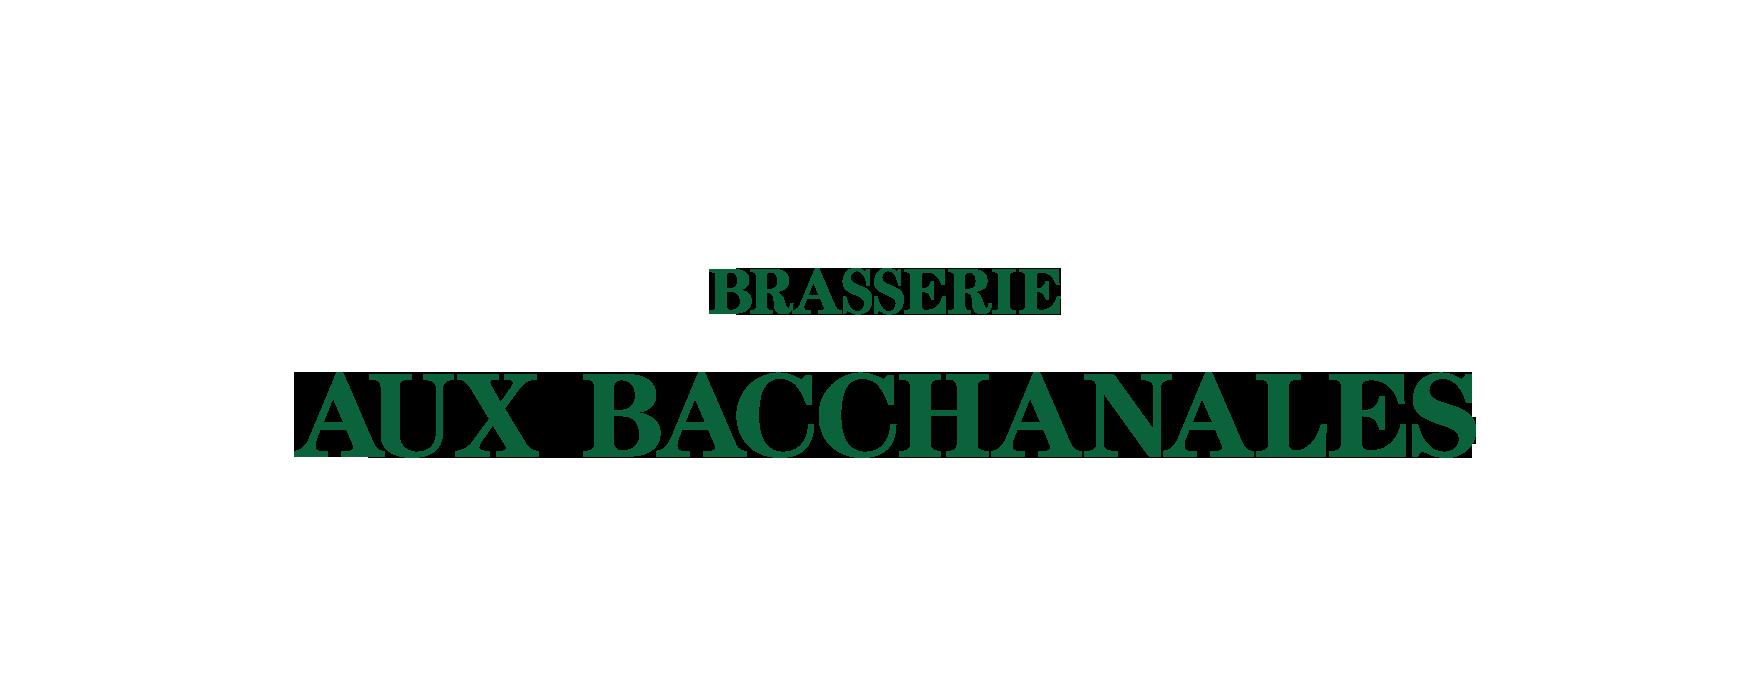 AUX BACCHANALES